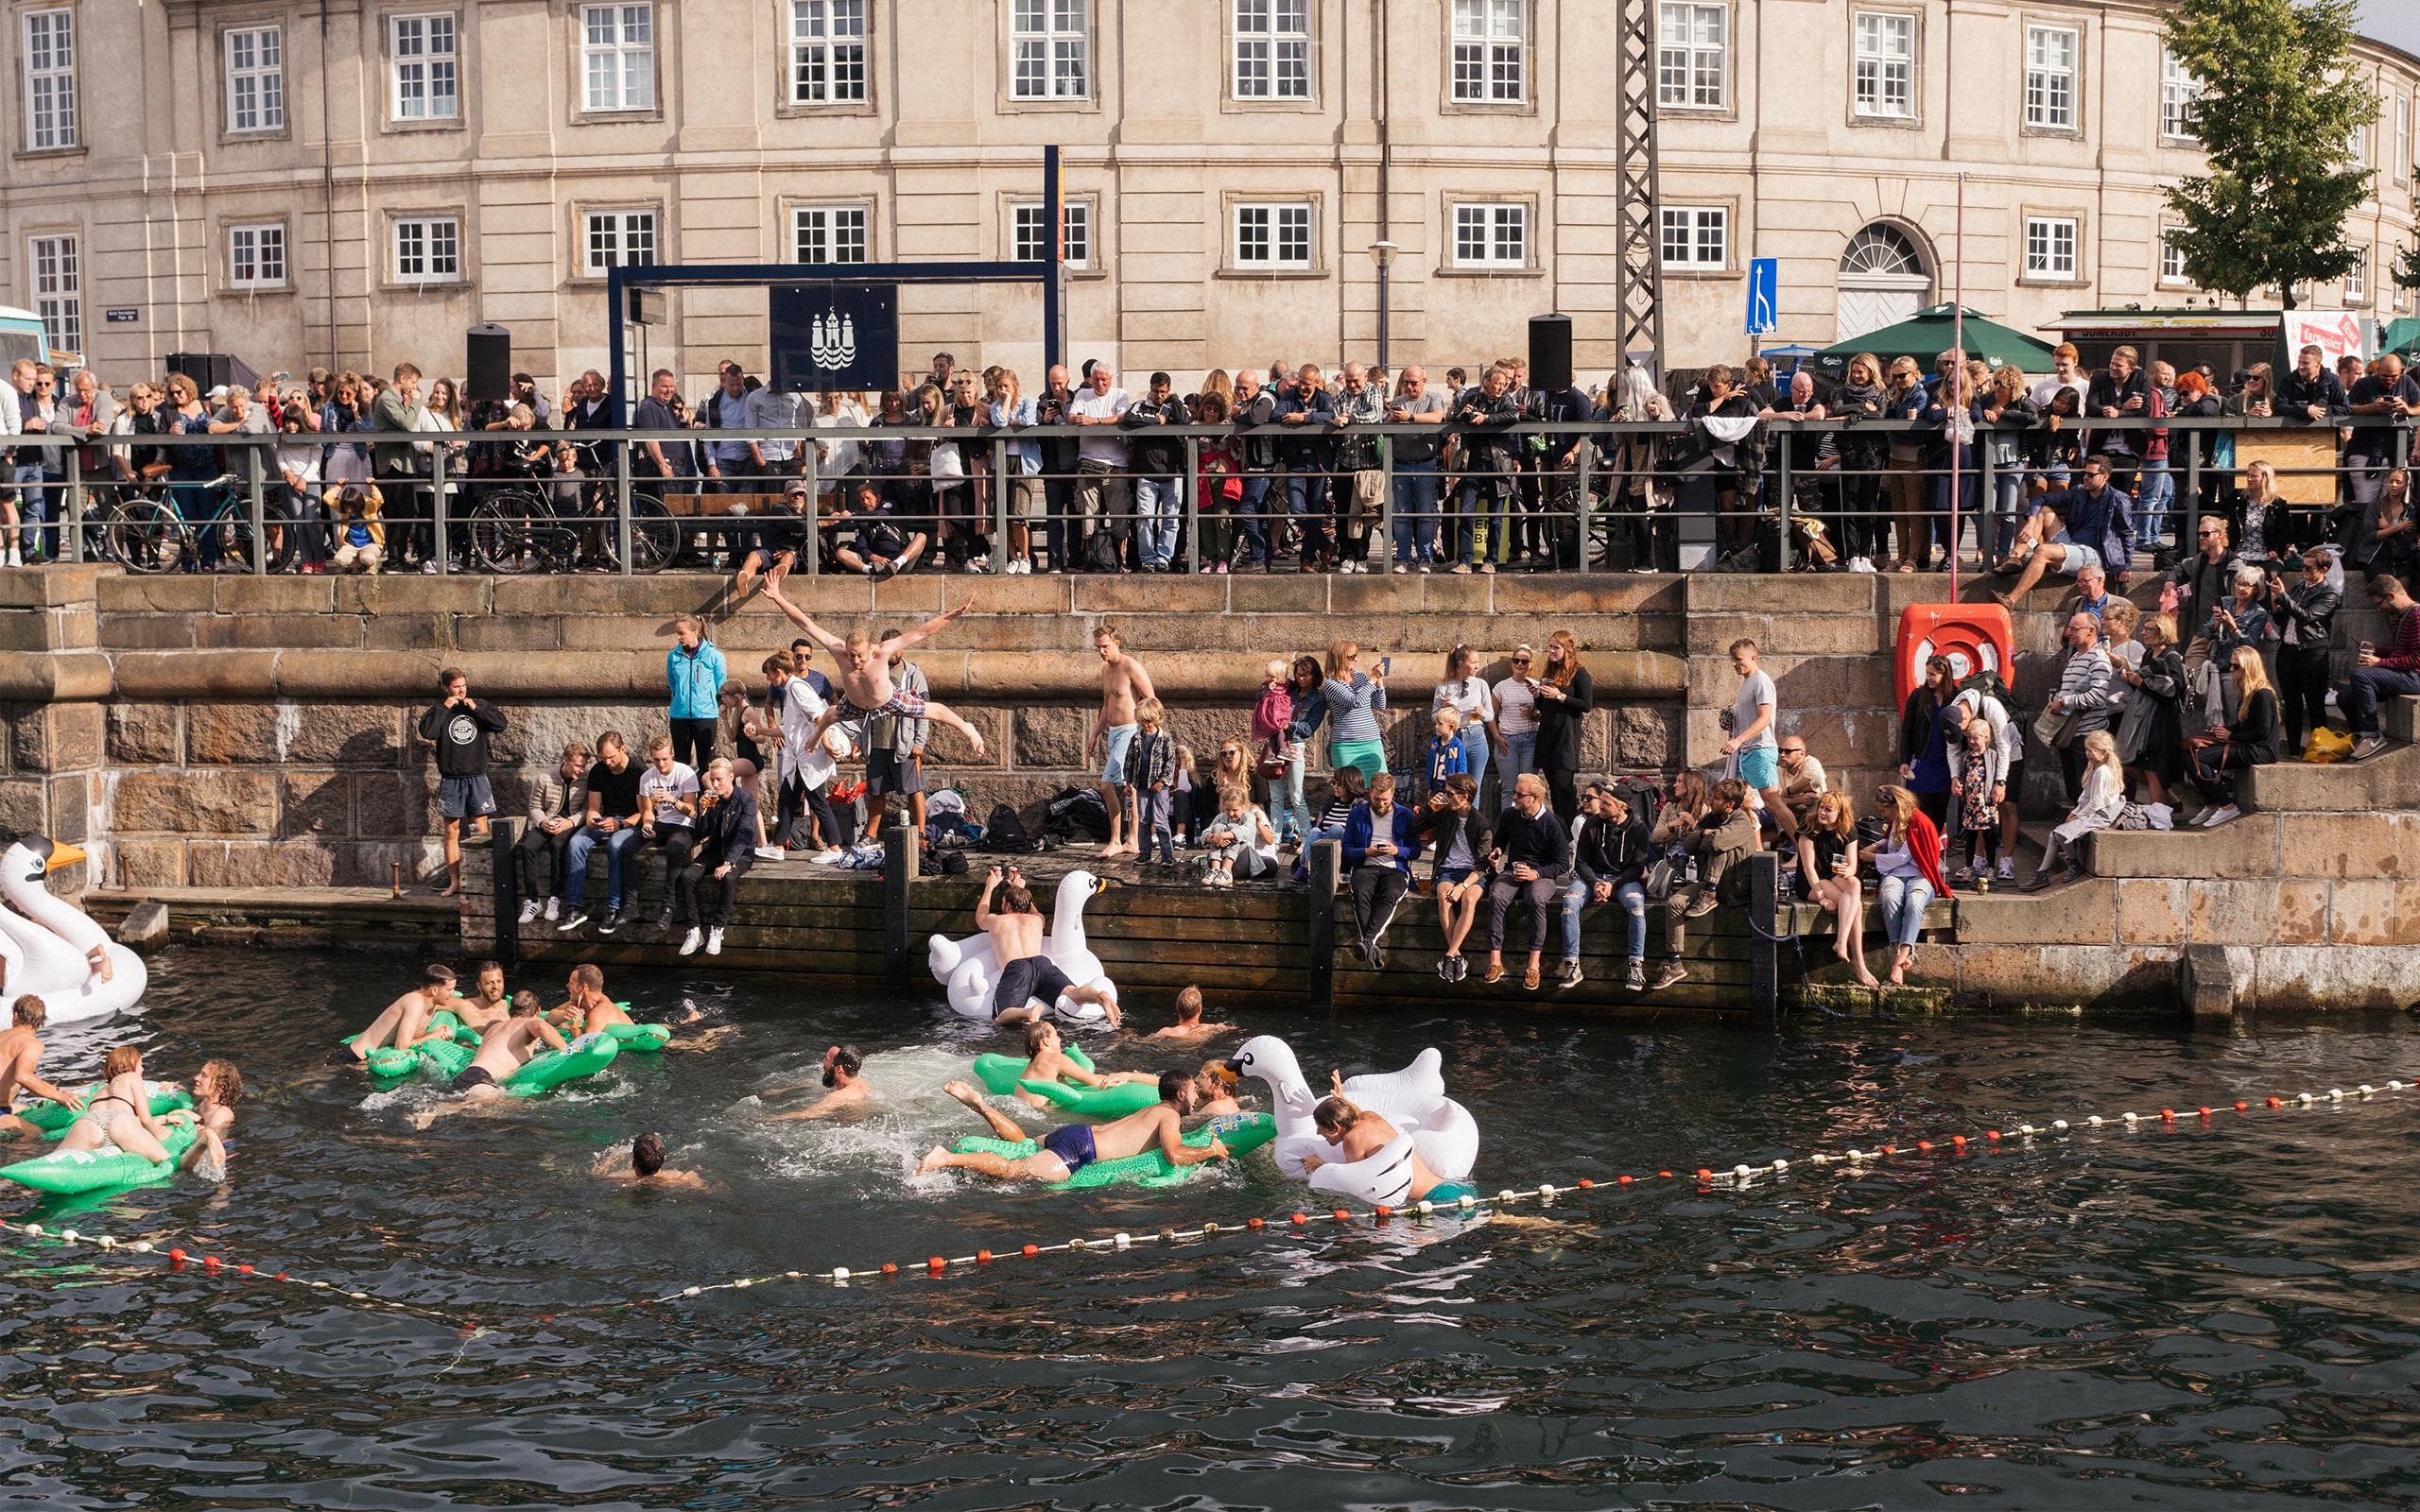 Pool party i Københavns kanaler